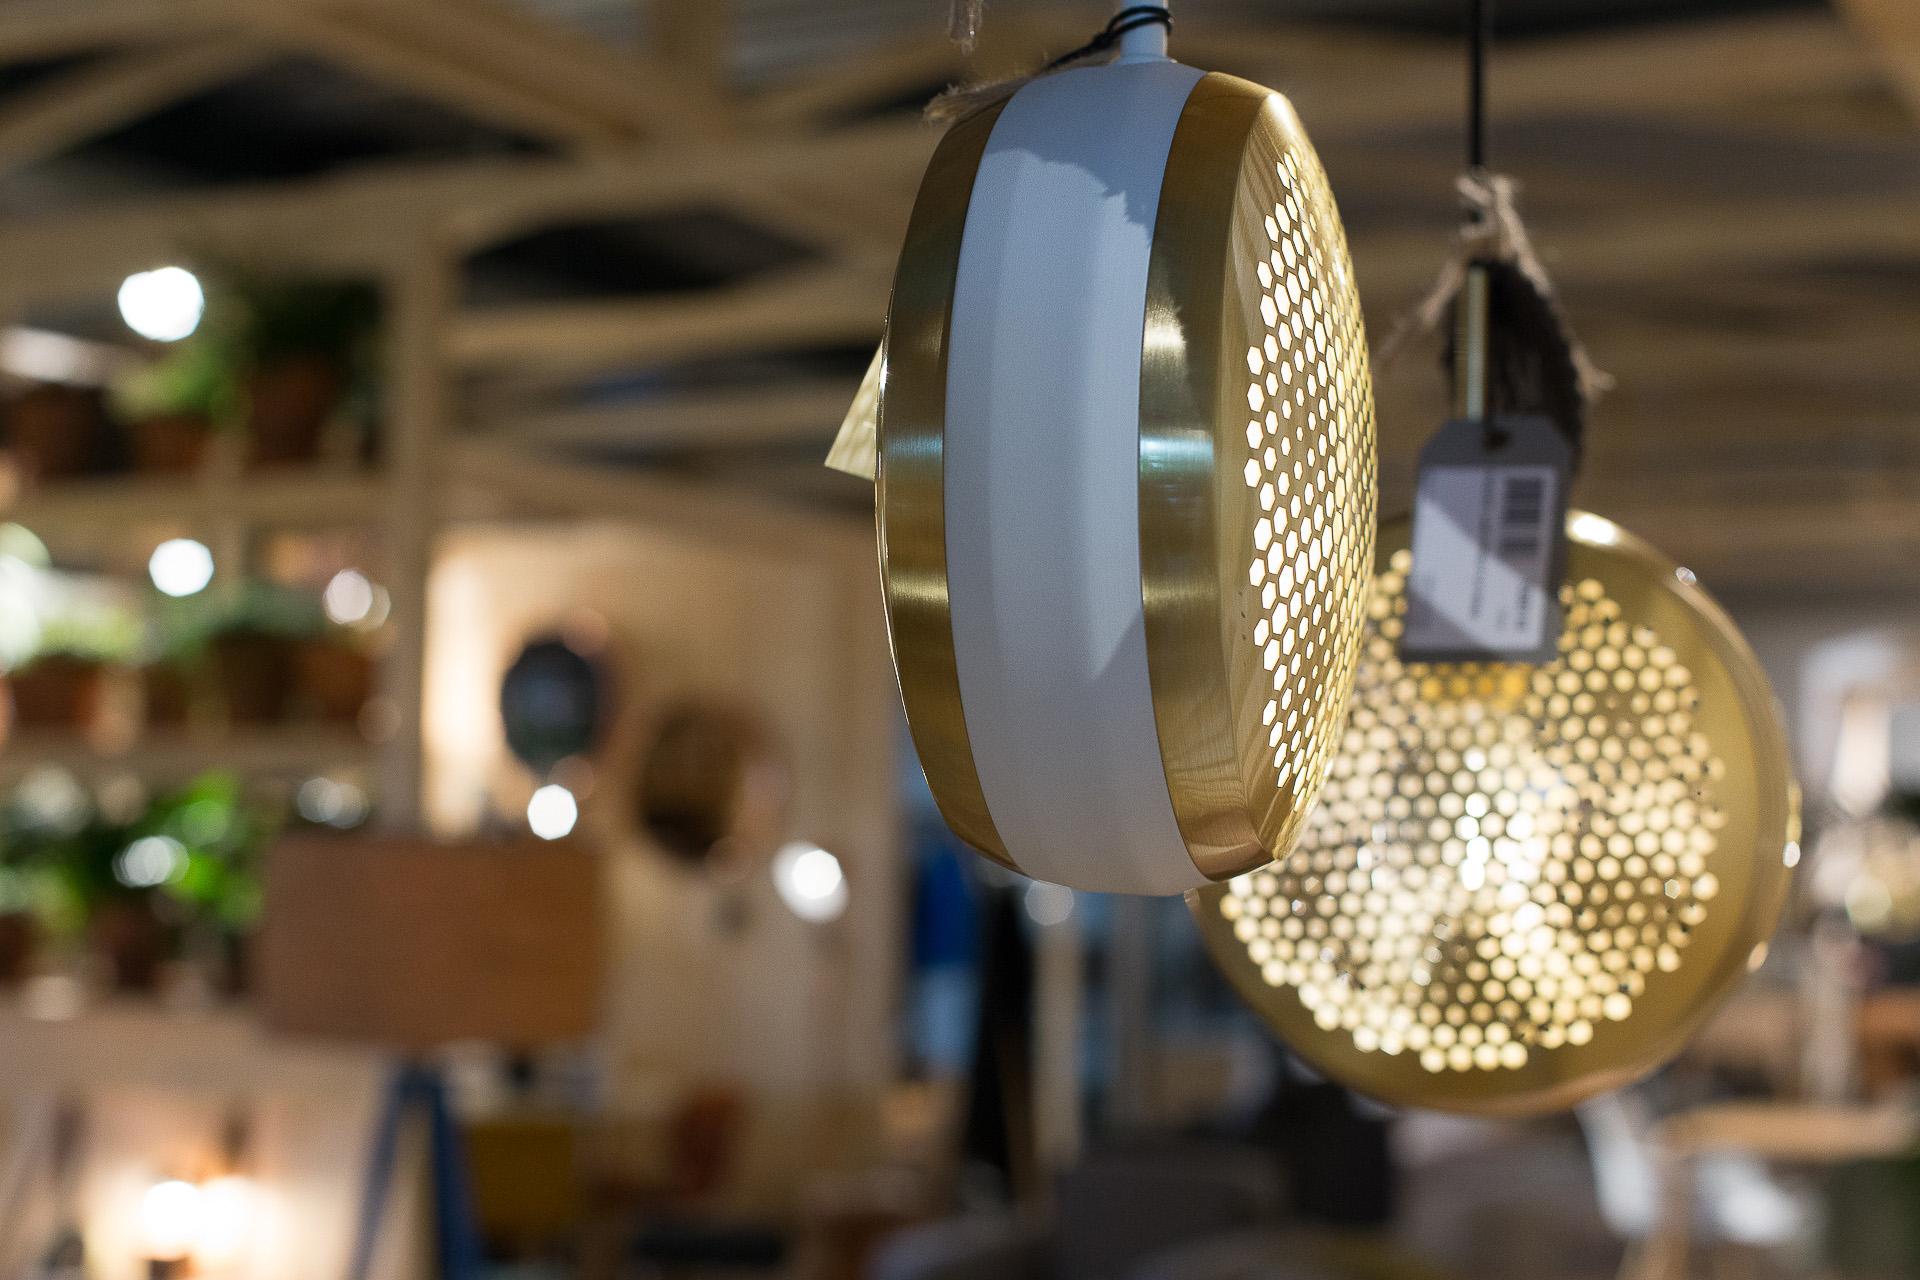 Inneneinrichtung Heidelberg, Mannheim, Stuttgart - Gaffga Interieur Design - Moebel von Zuiver, Hängeleuchte gold-weiß